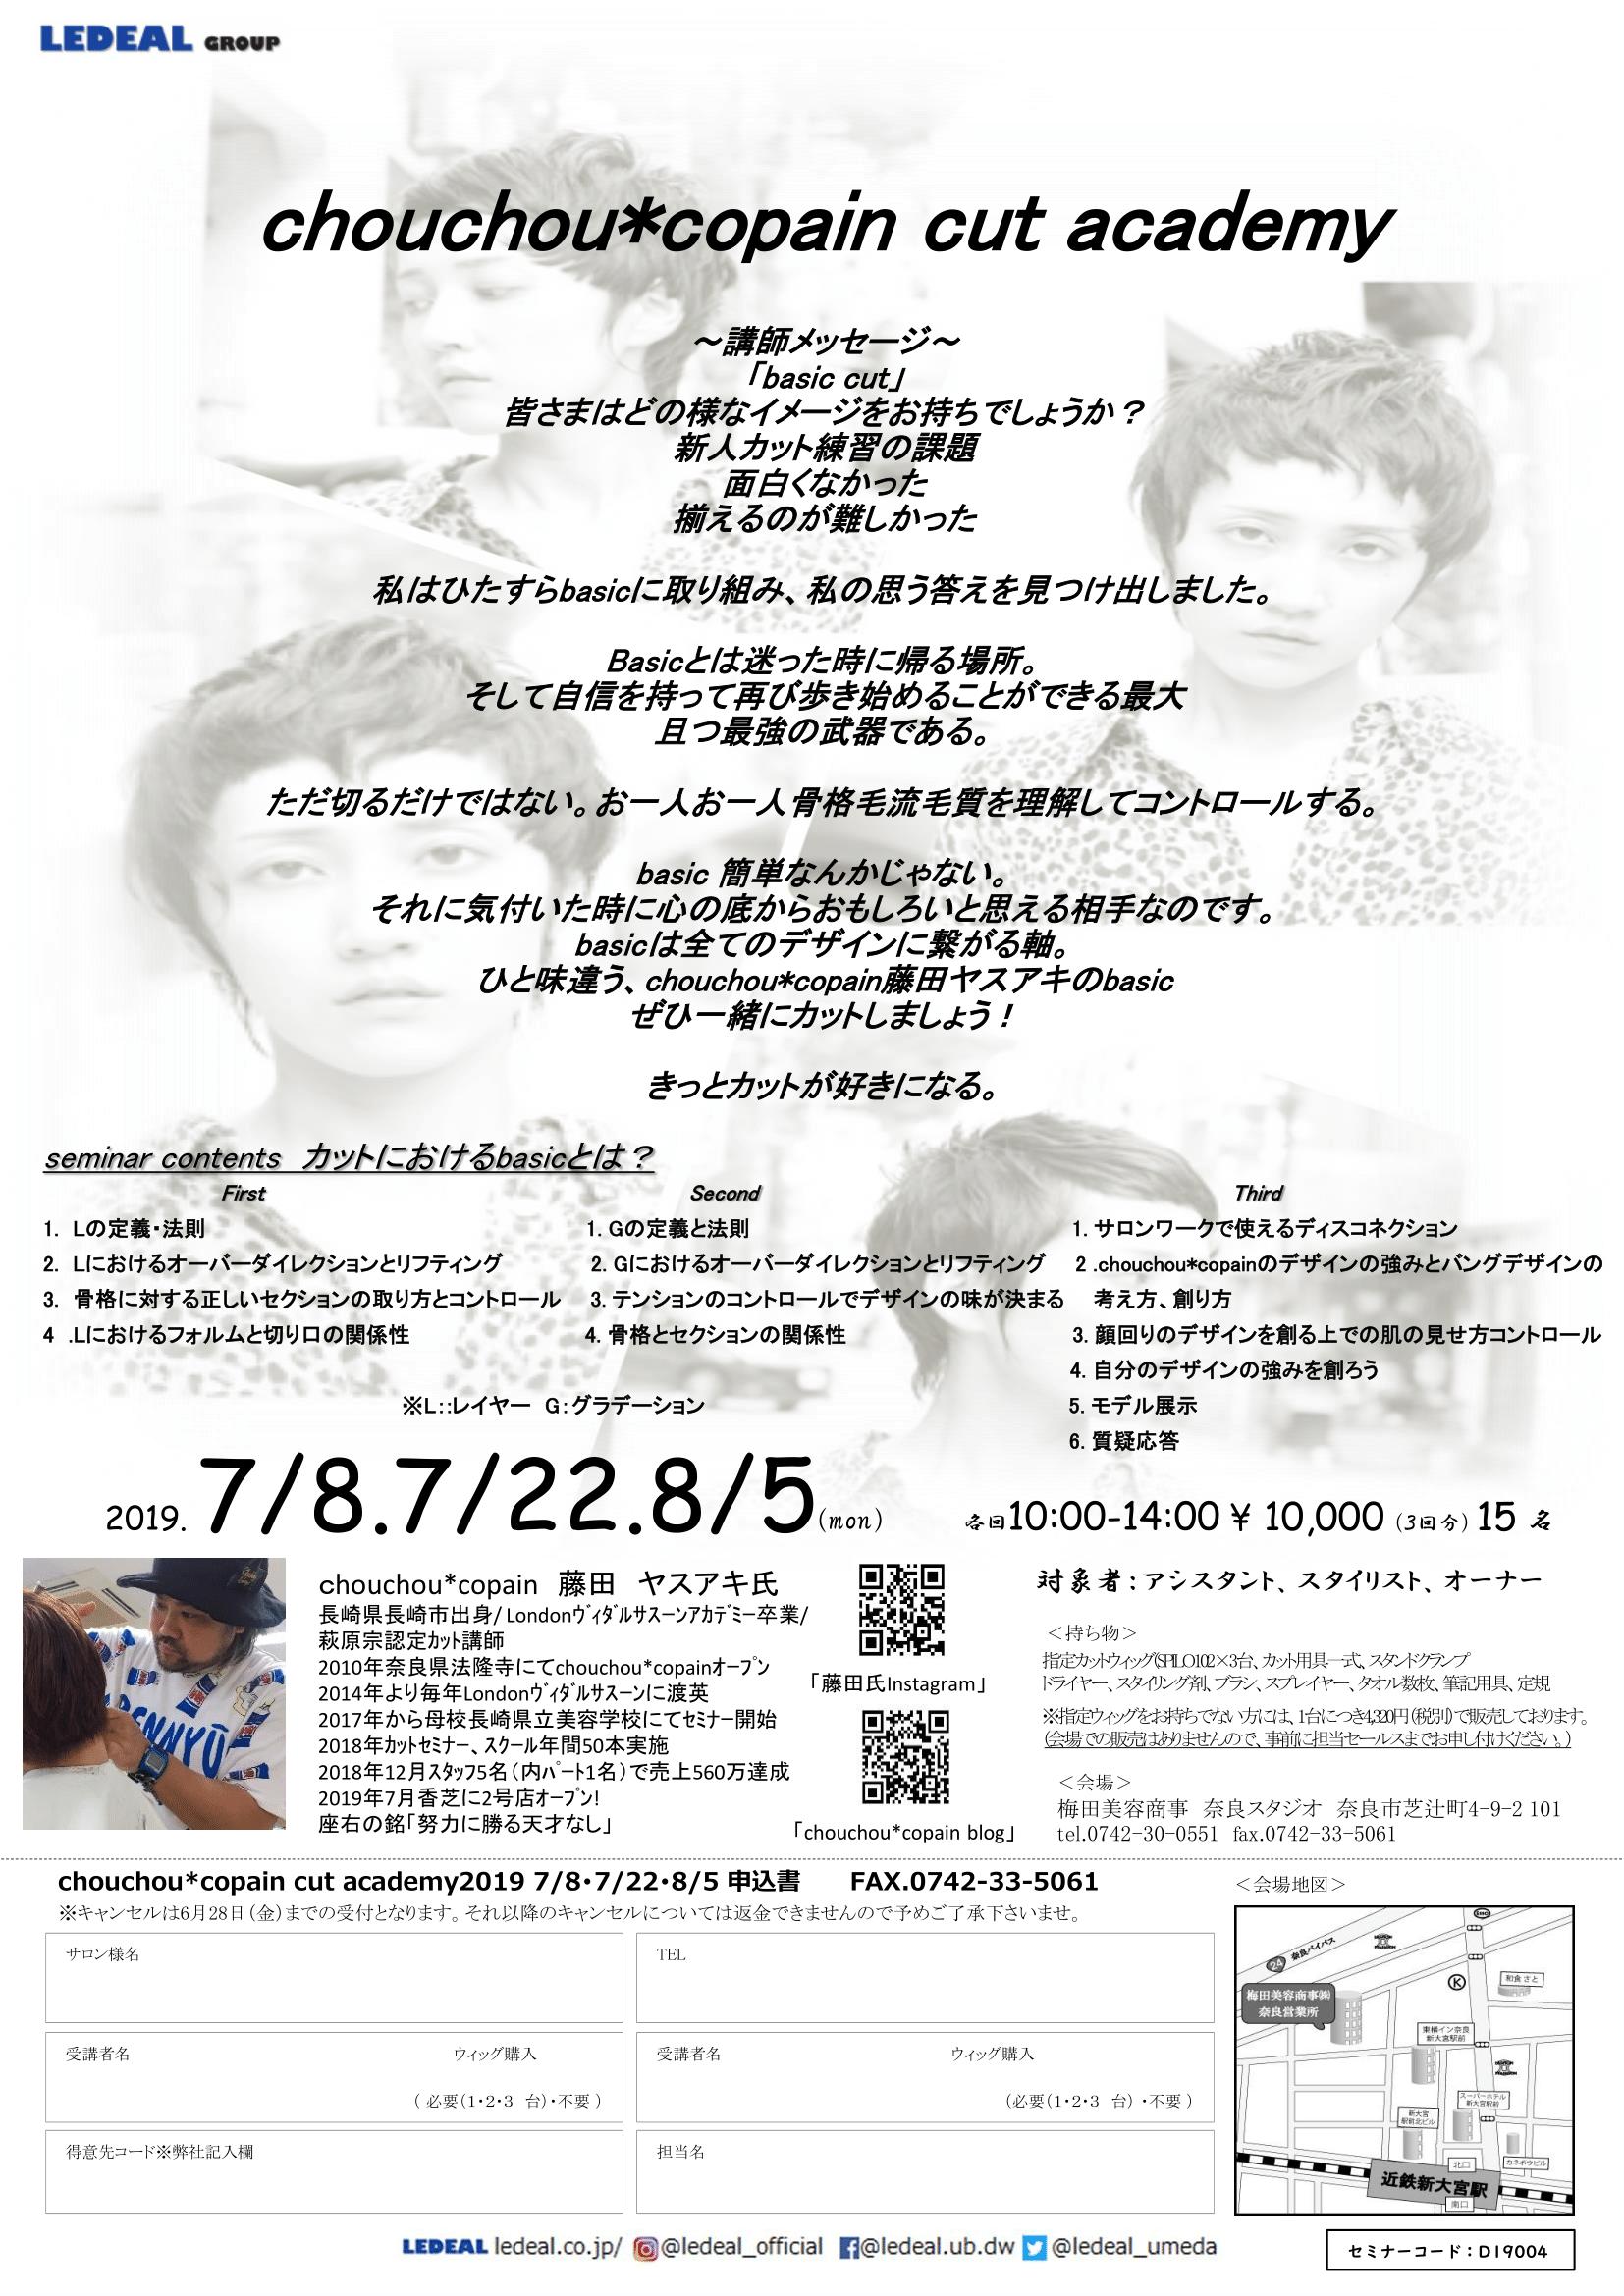 【奈良】chouchou*copain cut academy2019 3回コース